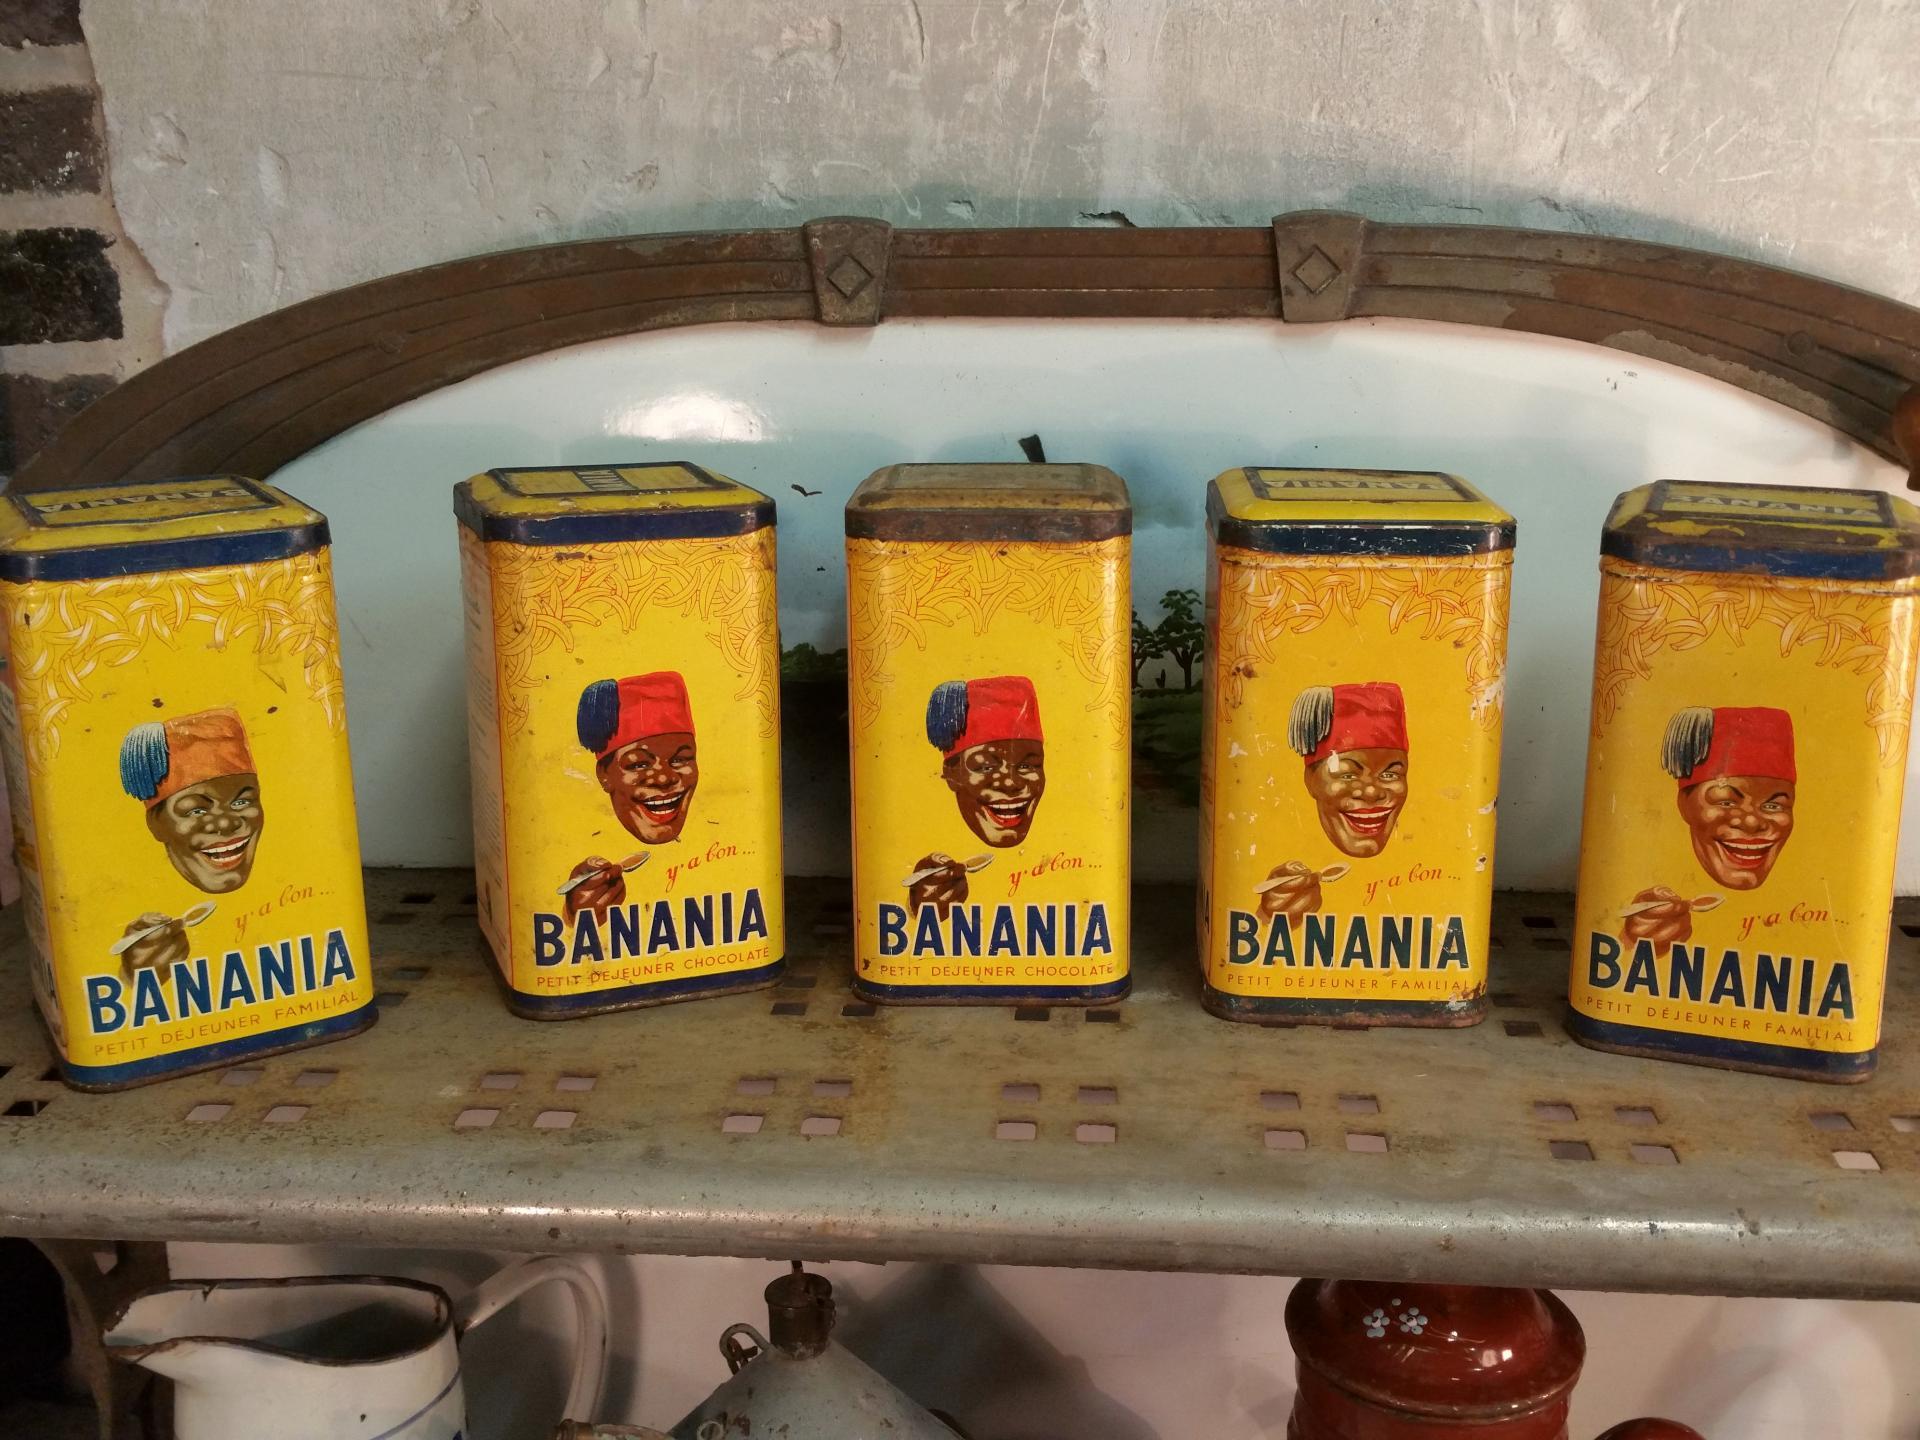 8 boites de banania